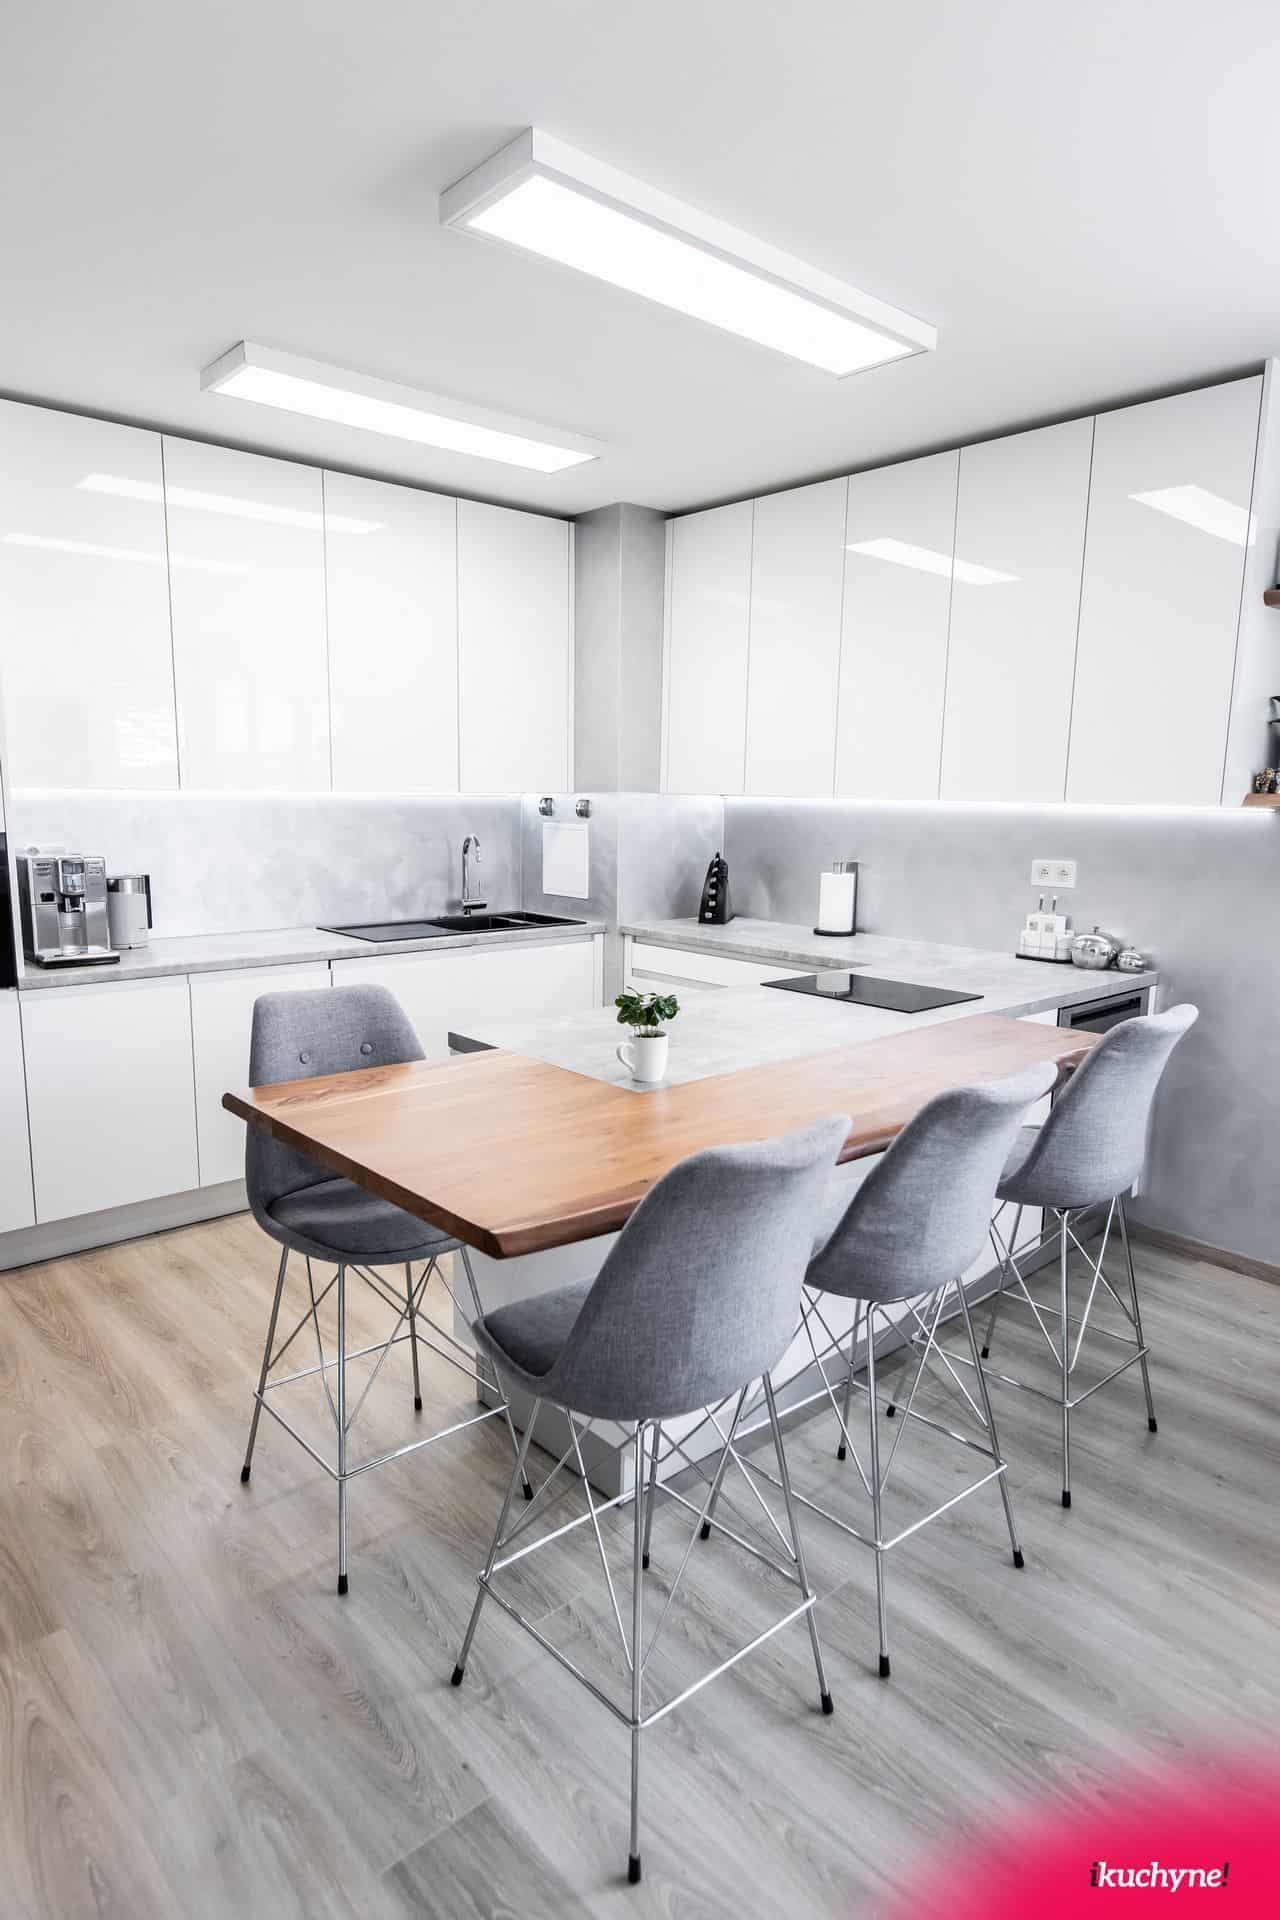 osvetlenie kuchyne bielym svetlom